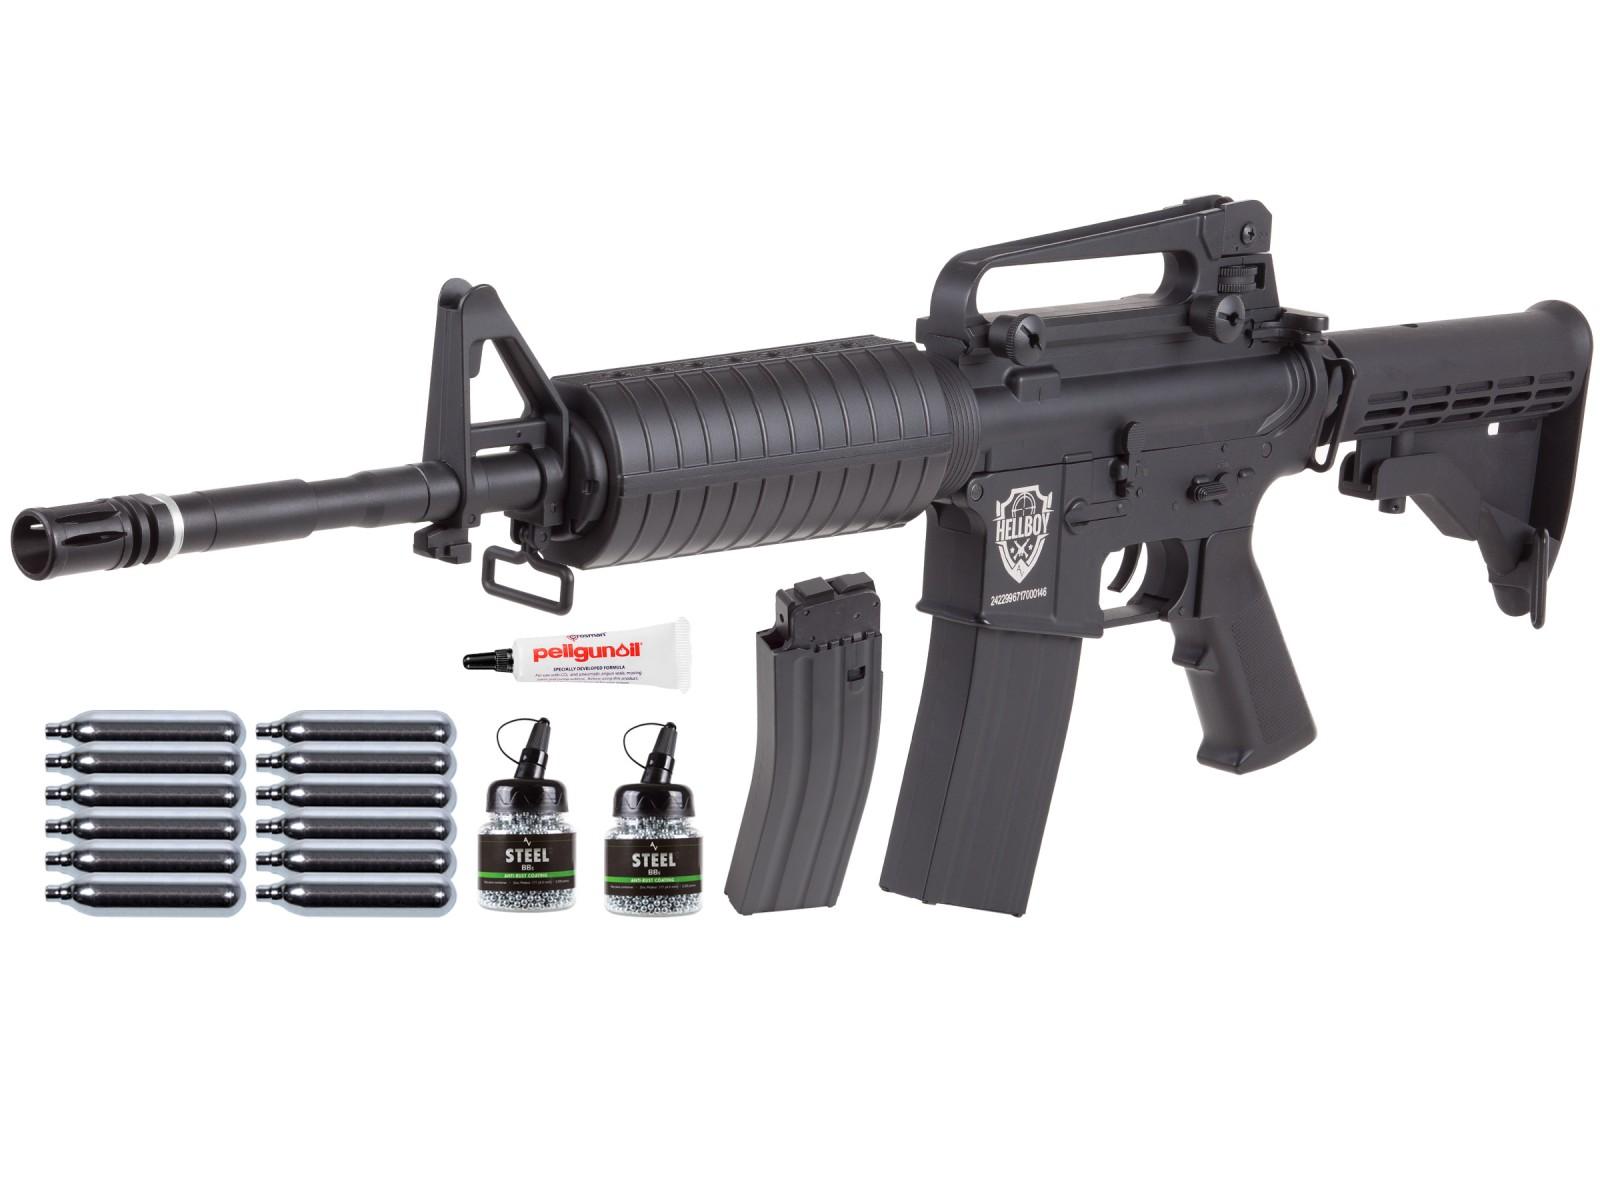 Cheap HellBoy .177 CO2 BB Tactical Air Rifle Kit, Firearm Replica 0.177